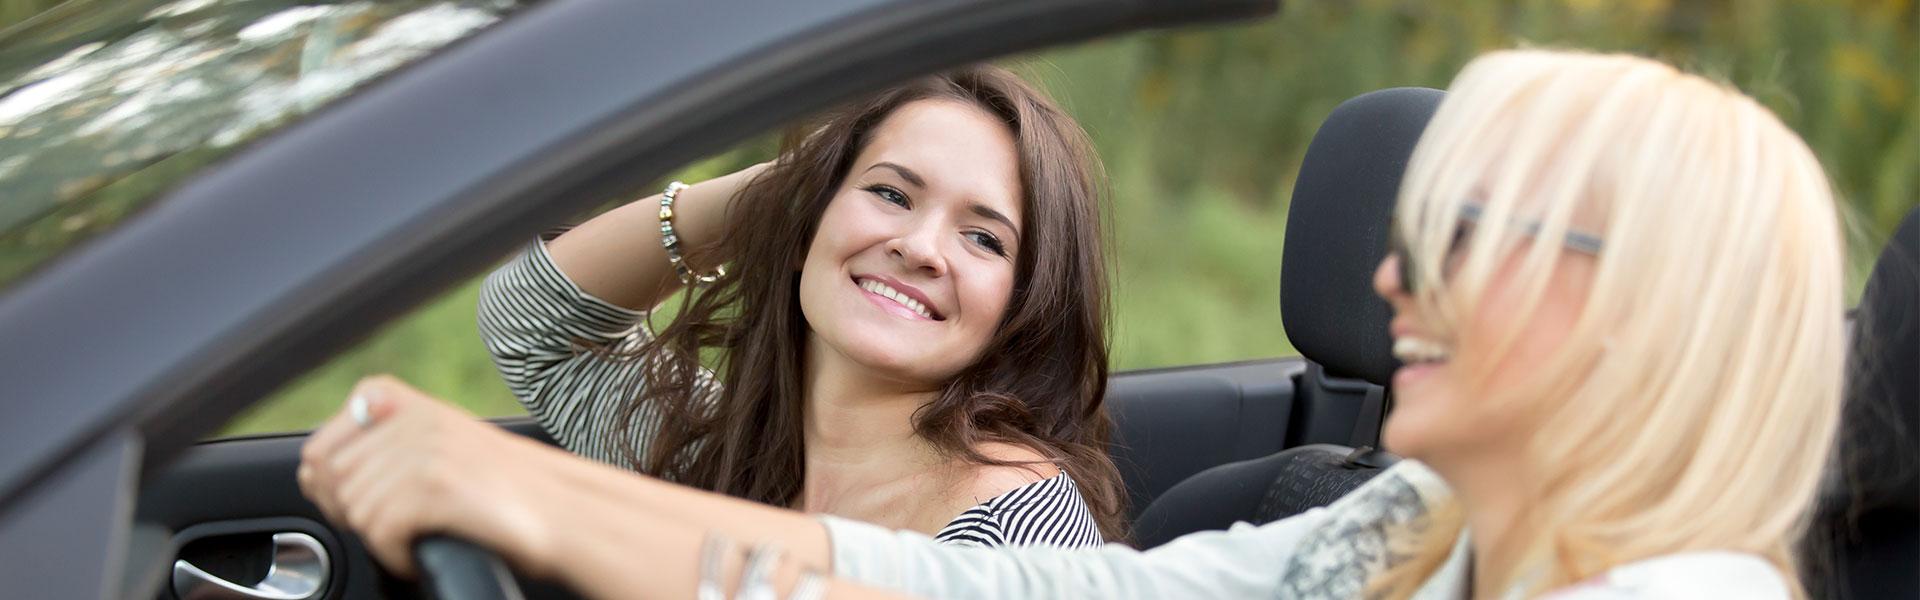 Oсигурување на возила